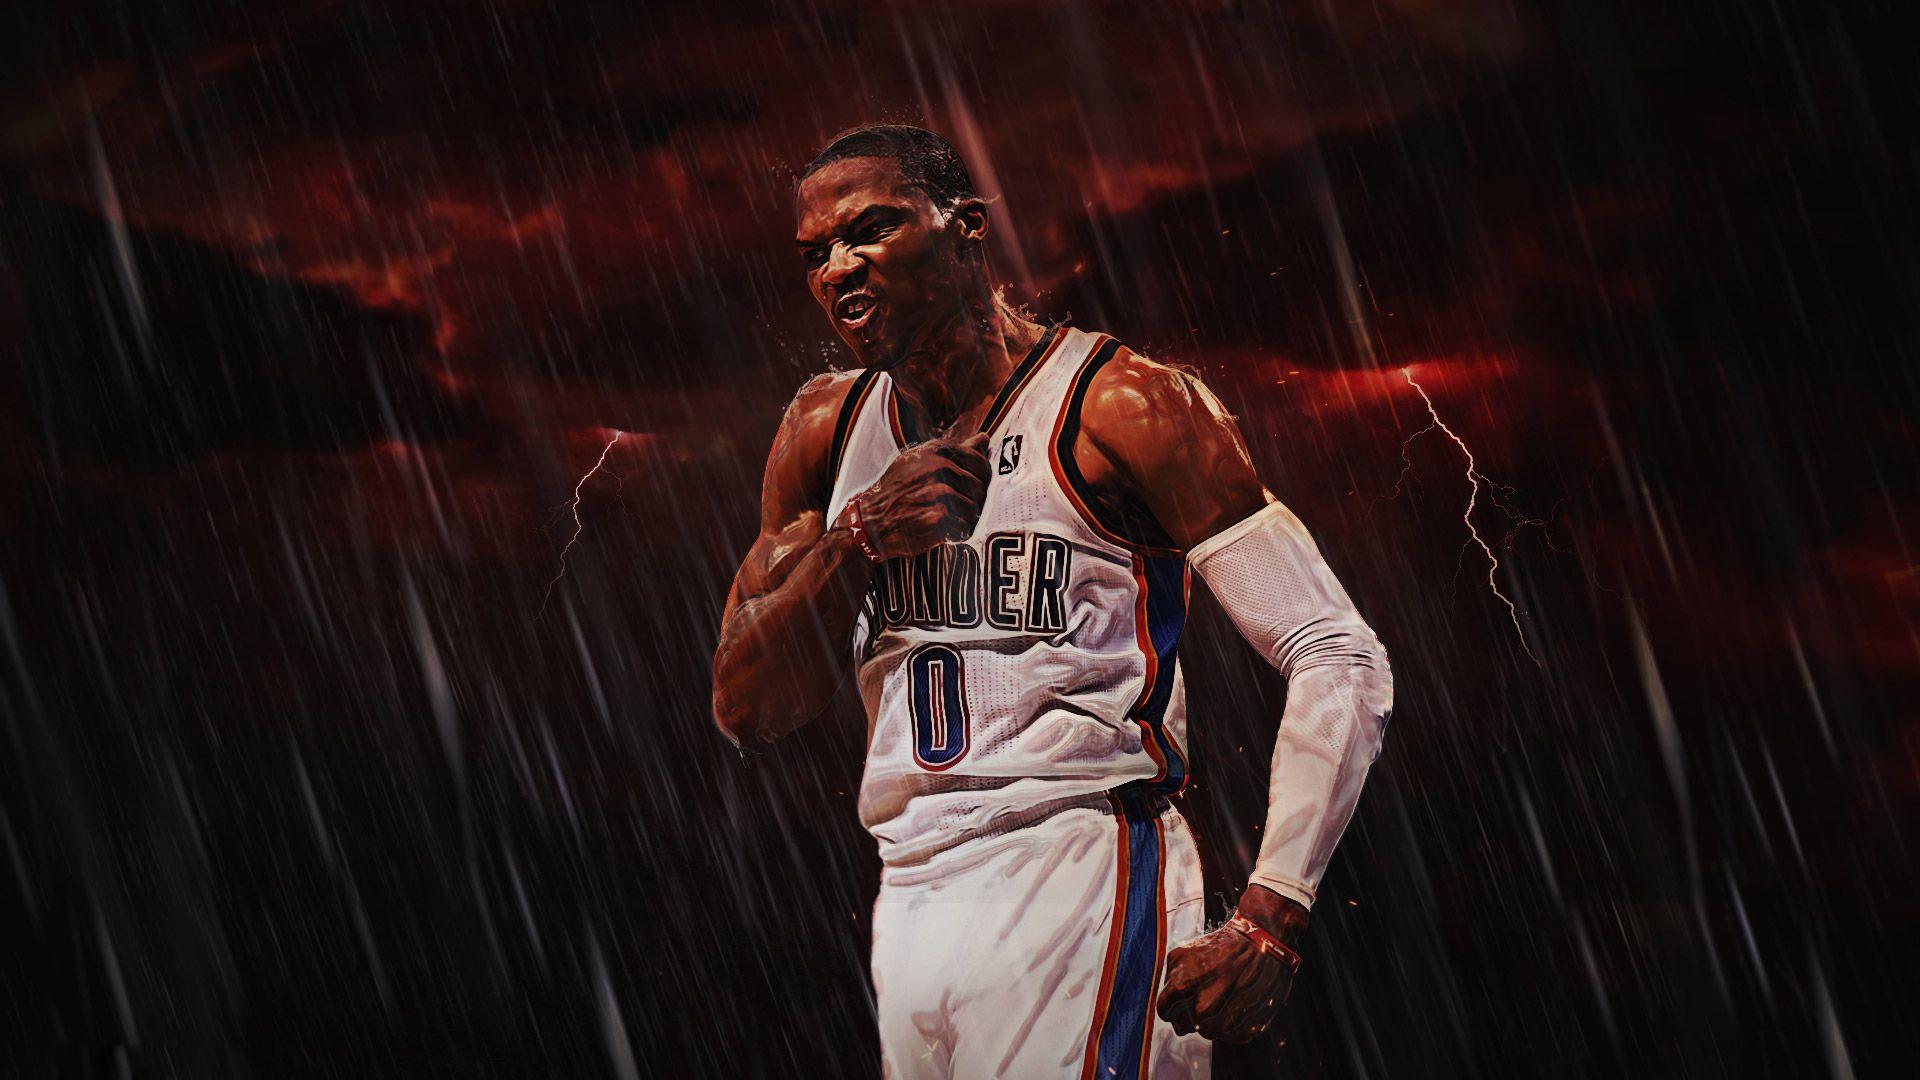 Kentucky Basketball background hd